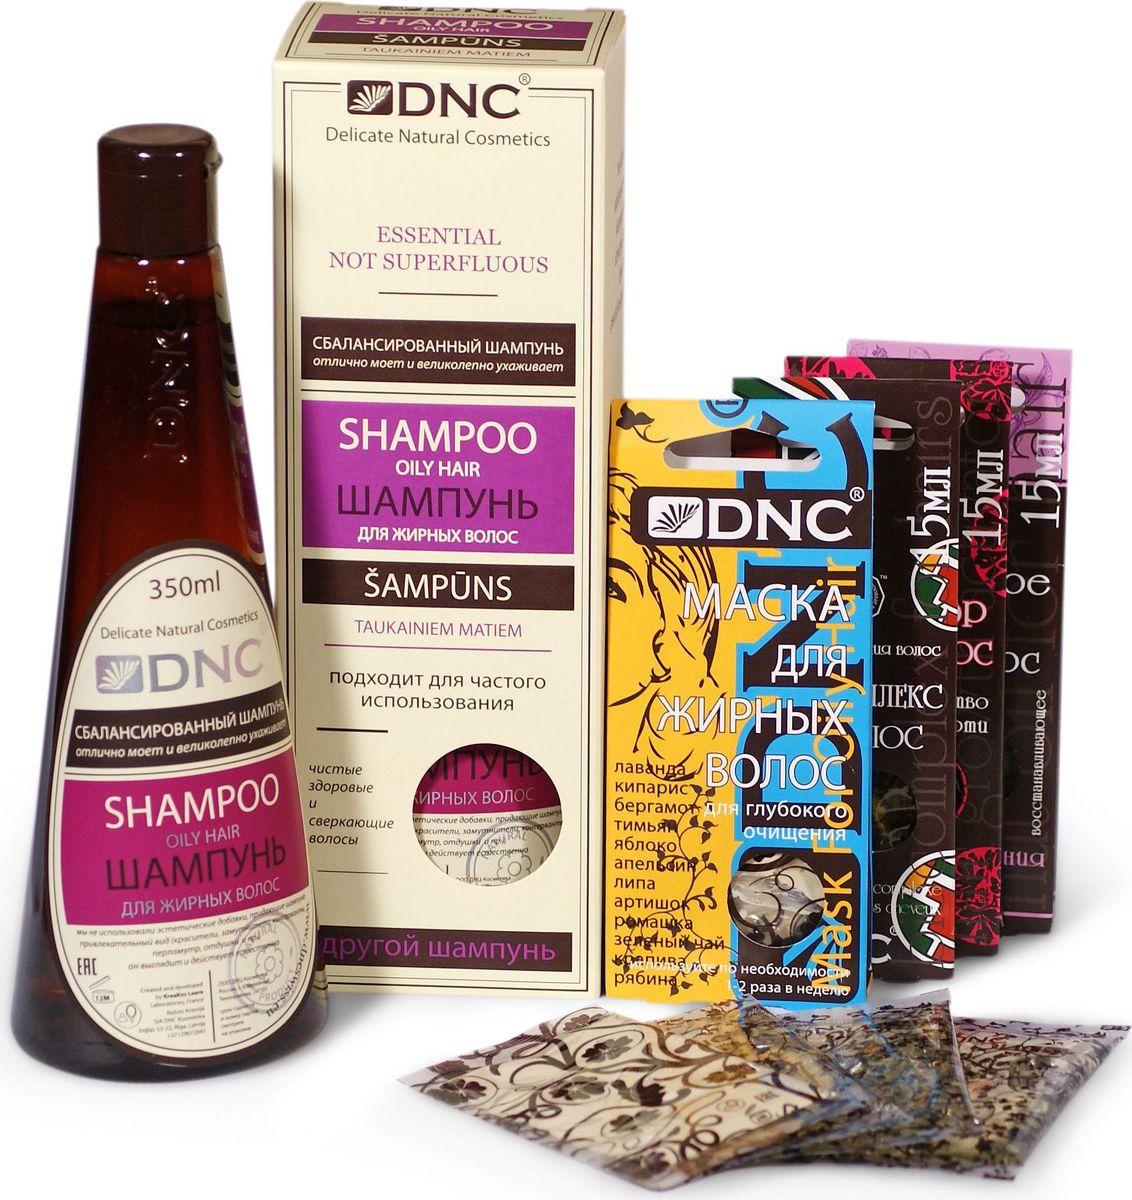 DNC Набор: Шампунь для жирных волос, 350 мл, маска для жирных волос, 3х15 мл, ореховое масло для волос против сечения, 15 мл, биокомплекс для волос против выпадения, 15 мл, активатор для волос против перхоти, 15 млGESS-131Активатор для волос против перхоти: Активатор содержит репейное масло, способствующее росту волос, а также касторовое масло, оказывающее смягчающее действие на кожу головы, и укрепляющее корни волос. Также масло содержит витамин А, который также выравнивает структуру волос, делая их послушными и сильными, и устраняет сухость. Витамин В5 уменьшает риск выпадения волос и укрепляет корни. Защищает волосы и насыщает их необходимыми витаминами, восстанавливает структуру волос, избавляет их от перхоти, способствуя росту здоровых и сильных волос. Биокомплекс для волос против выпадения: Эффективное биоактивное средство против выпадения волос. Содержит необходимые для волос экстракты лекарственных растений, d-pantenol и витамины А, Е и F, которые обеспечивают кровоснабжение волосяных луковиц и стимулируют рост волос. Биоактивный комплекс обладает сильным регенерирующим эффектом, насыщает волосы и кожу головы влагой и ценными питательными веществами, делая волосы более мягкими и послушными. Ореховое масло для волос против сечения: Состав быстро впитывается в волосы, одновременно восстанавливая и укрепляя их структуру. Ореховое Масло создает тонкую оболочку, позволяющую волосам сохранить влагу и обеспечивающую защиту, и питание волос по всей длине. При регулярном применении, Ореховое Масло эффективно борется с проблемой секущихся концов, укрепляя структуру волос, придавая им здоровый вид и делая их более мягкими и послушными. МАСКА для жирных волос: Очищает волосы и кожу головы. Значительно снижает активность сальных желез. Эффективность маски обеспечивает сбалансированная система из эфирных масел, растительных экстрактов и абсорбирующей глиняной основы. Комплекс разработан для максимально долгого контроля над избыточной жирностью волос. Шампунь для Жирных Во